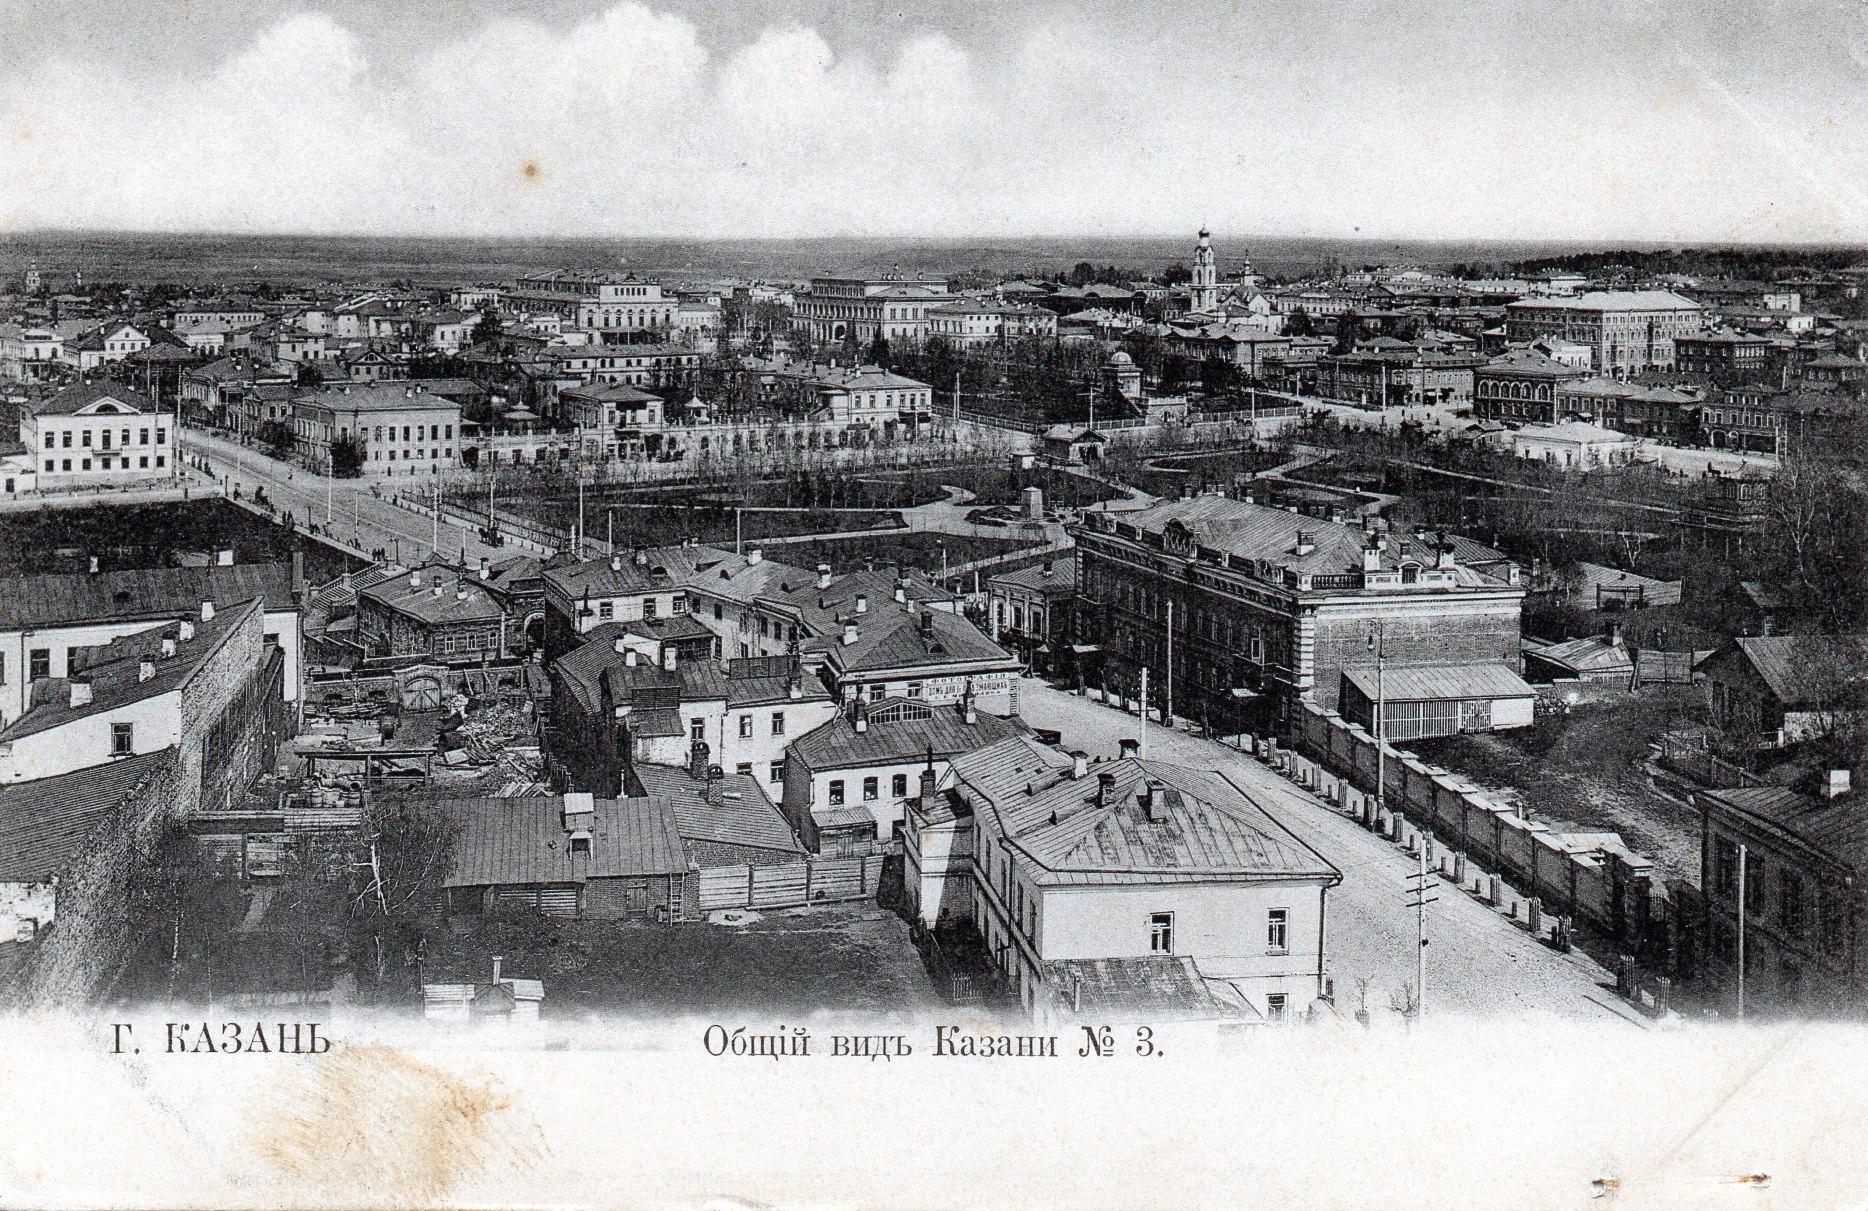 1894. Общий вид с колокольни Воскресенского собора